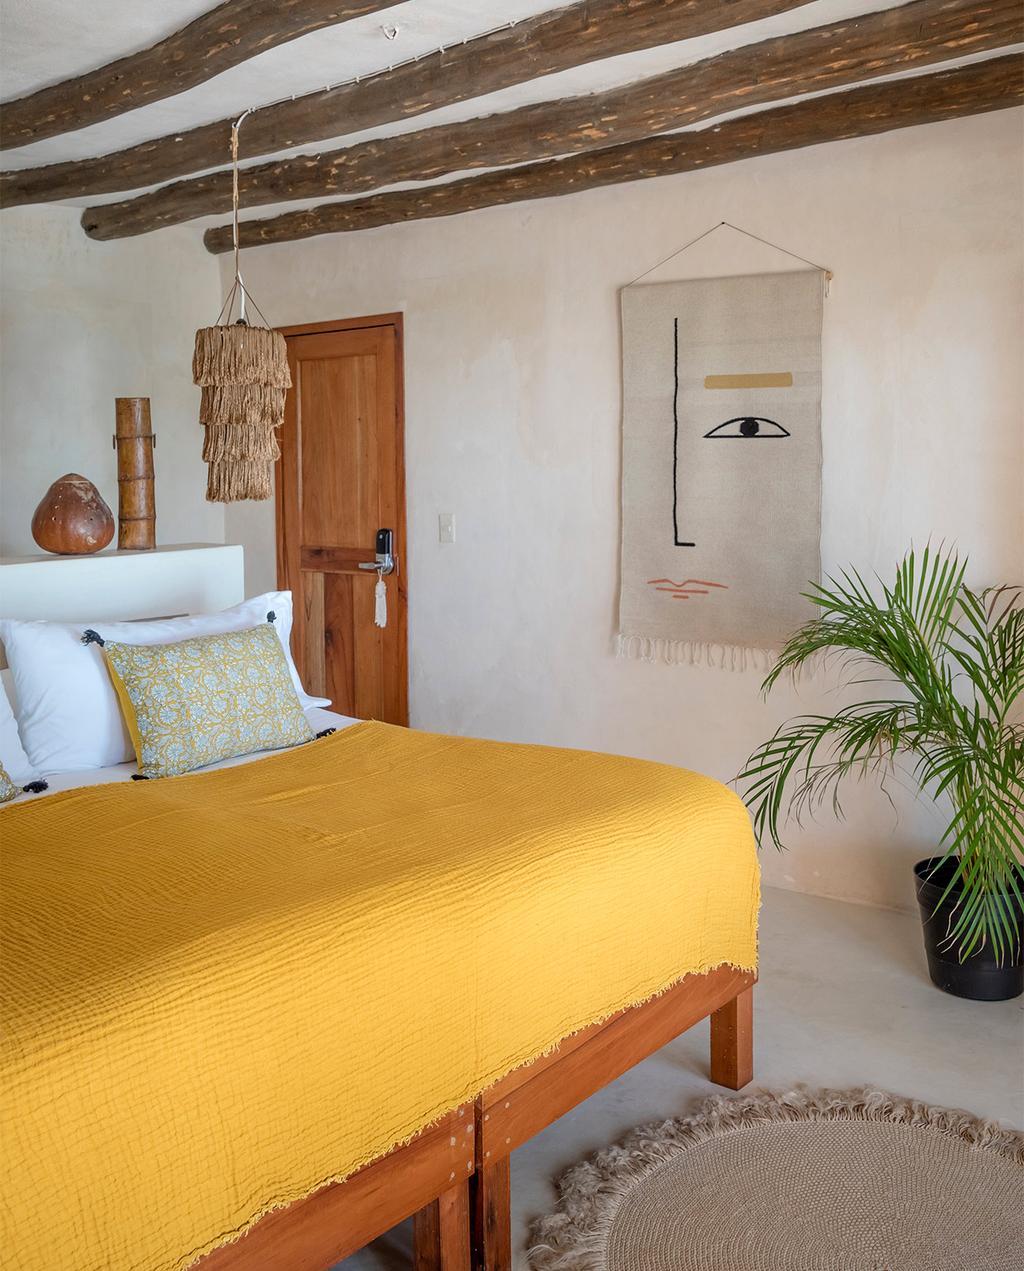 vtwonen casas especiais de verão 07-2021 |  capa de edredon amarela em uma cama no quarto